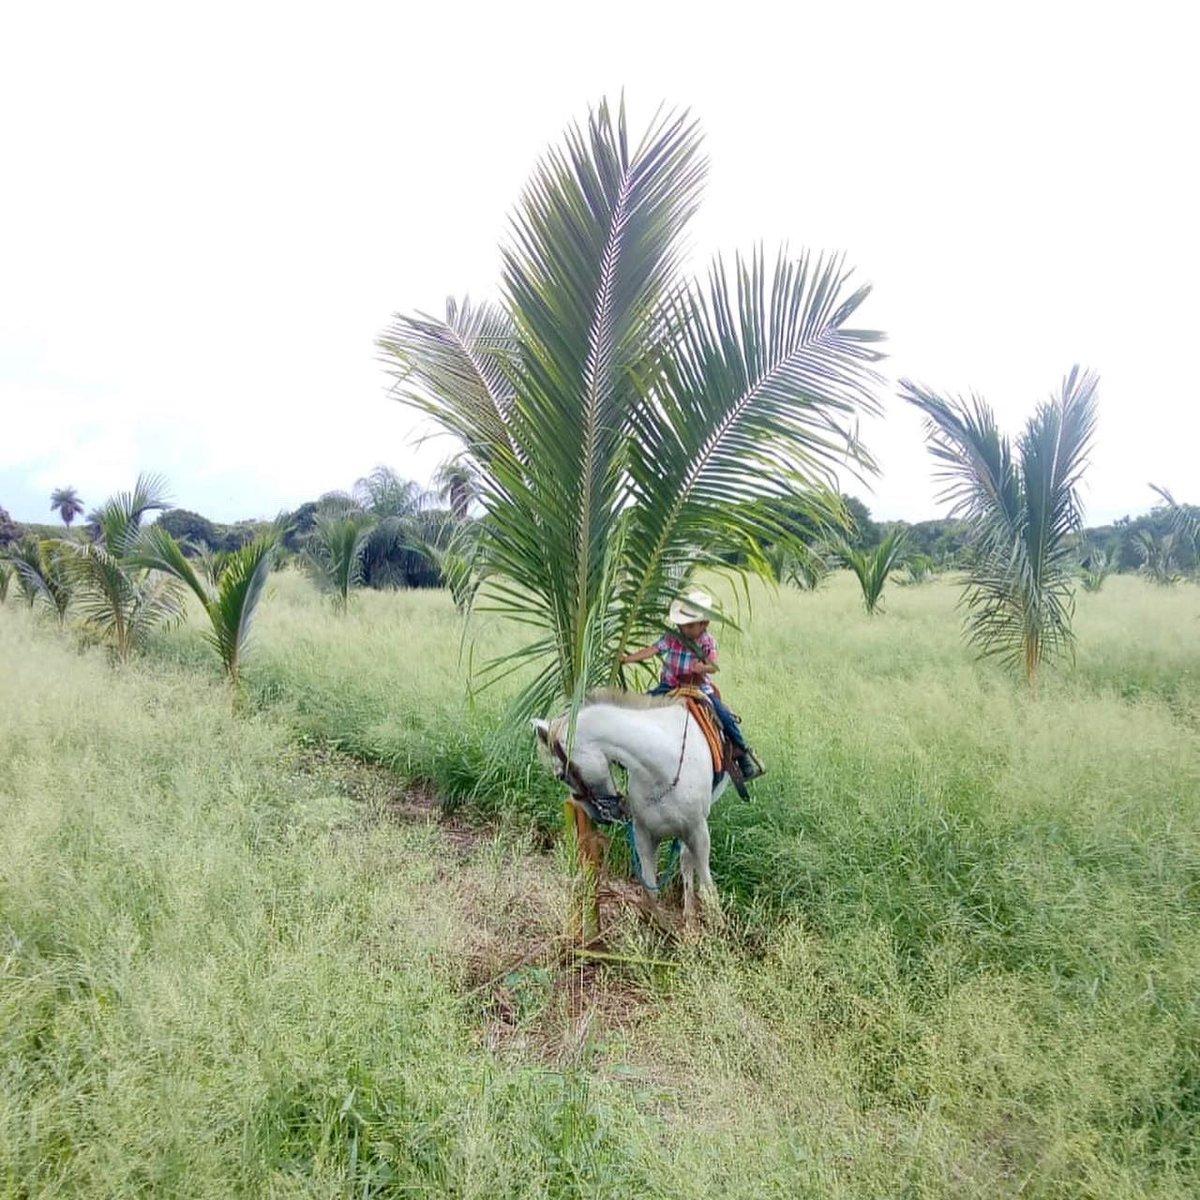 Compartimos el trabajo que se esta realizando en el Mpio. de Aldama, Tamaulipas, por ganaderos que estan iniciando en el cultivo de la #PalmadeCoco para obtener doble aprochamiento de sus predios.  #cultivo #coco #veracruzagropecuario #produceorgullo